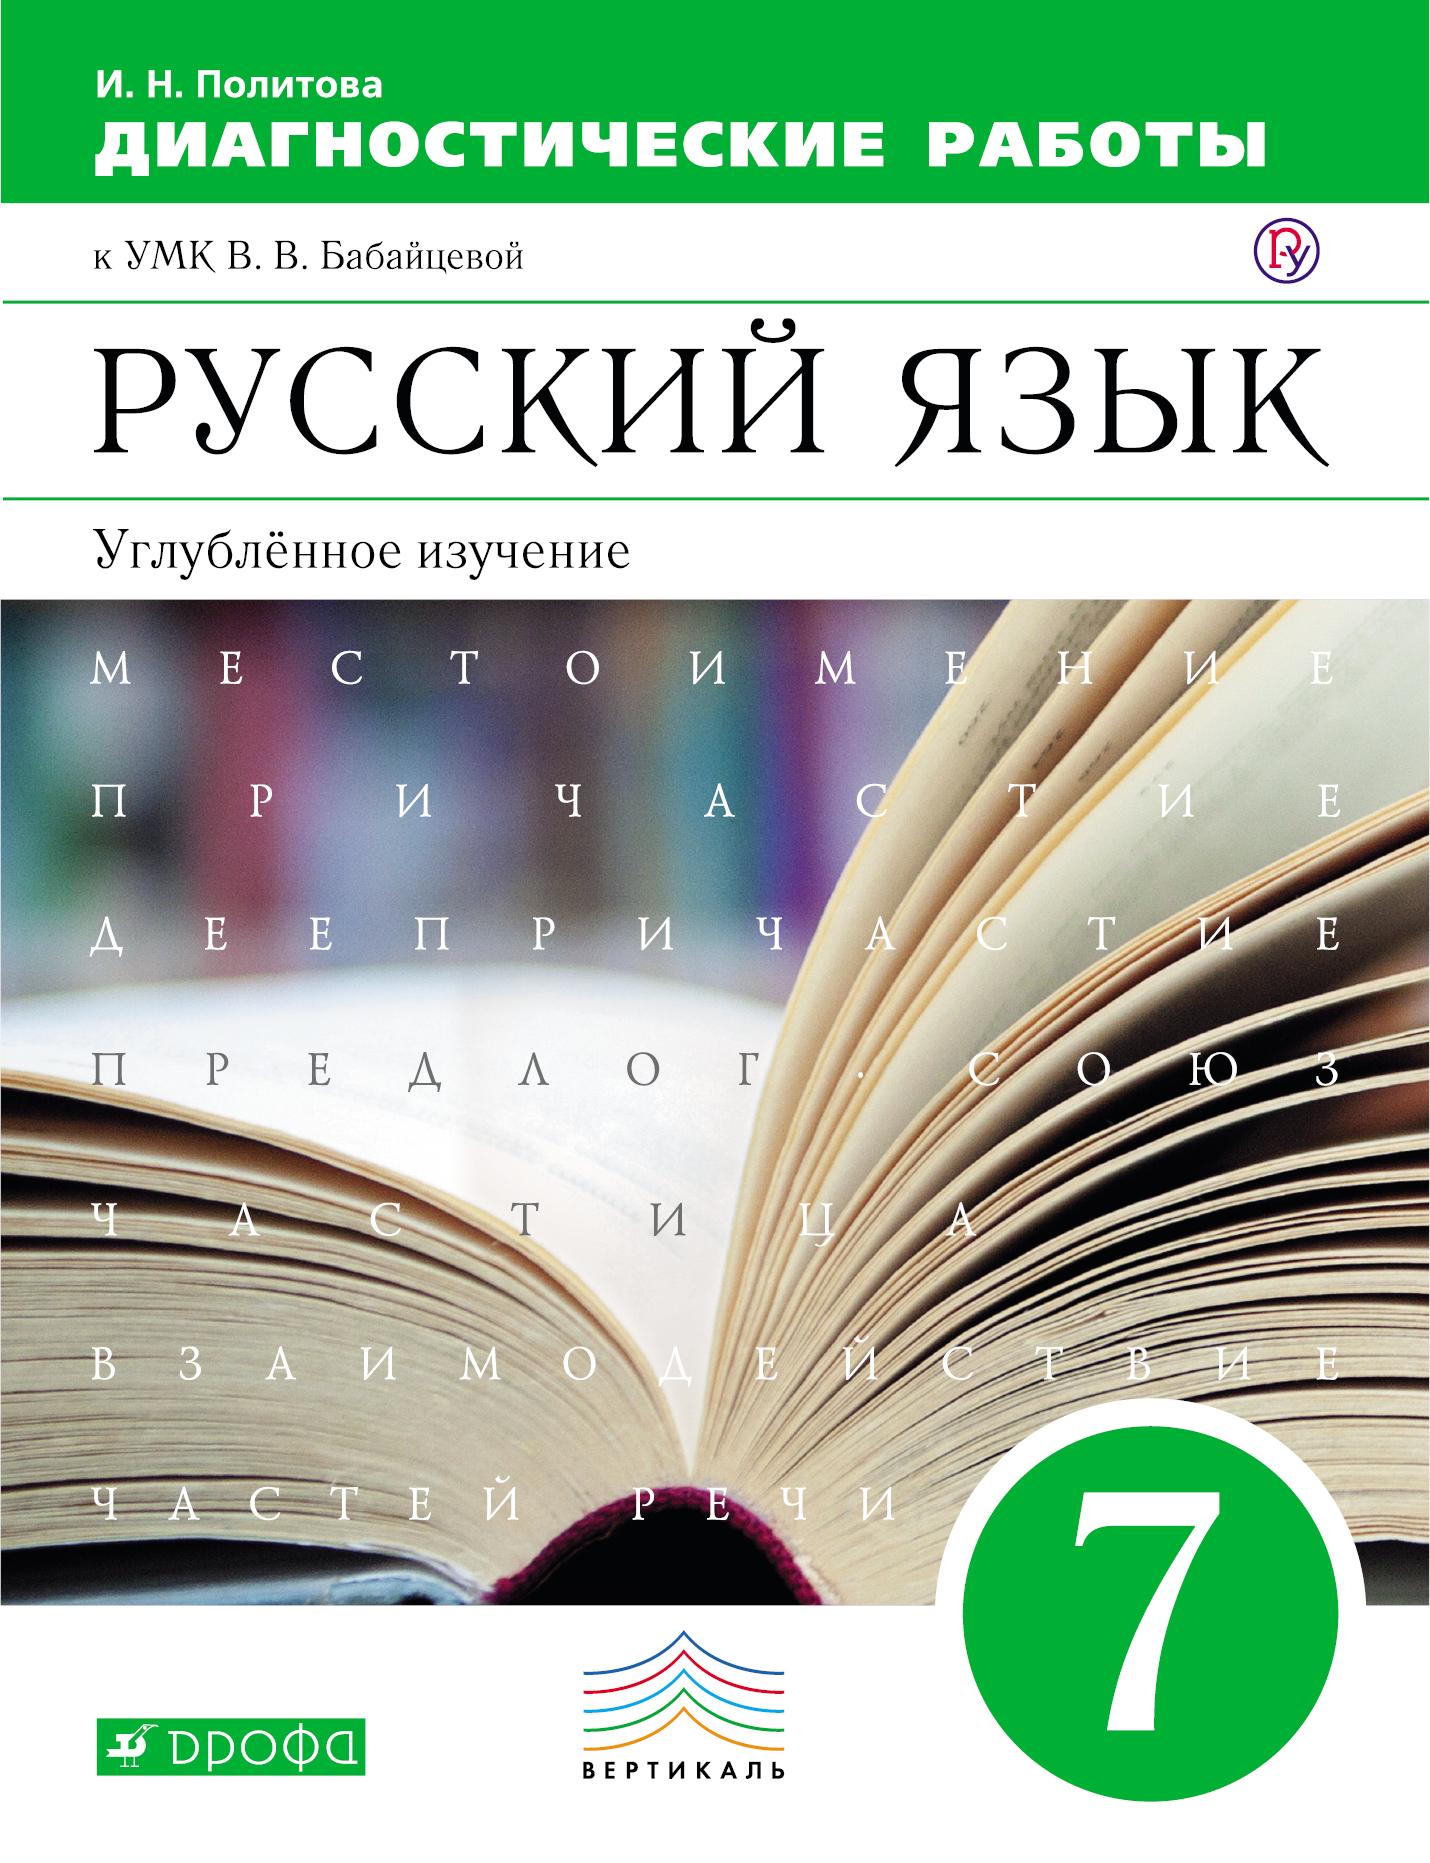 Русский язык. Углубленное изучение. 7 класс. Рабочая тетрадь (диагностические работы) ( Политова И.Н.  )